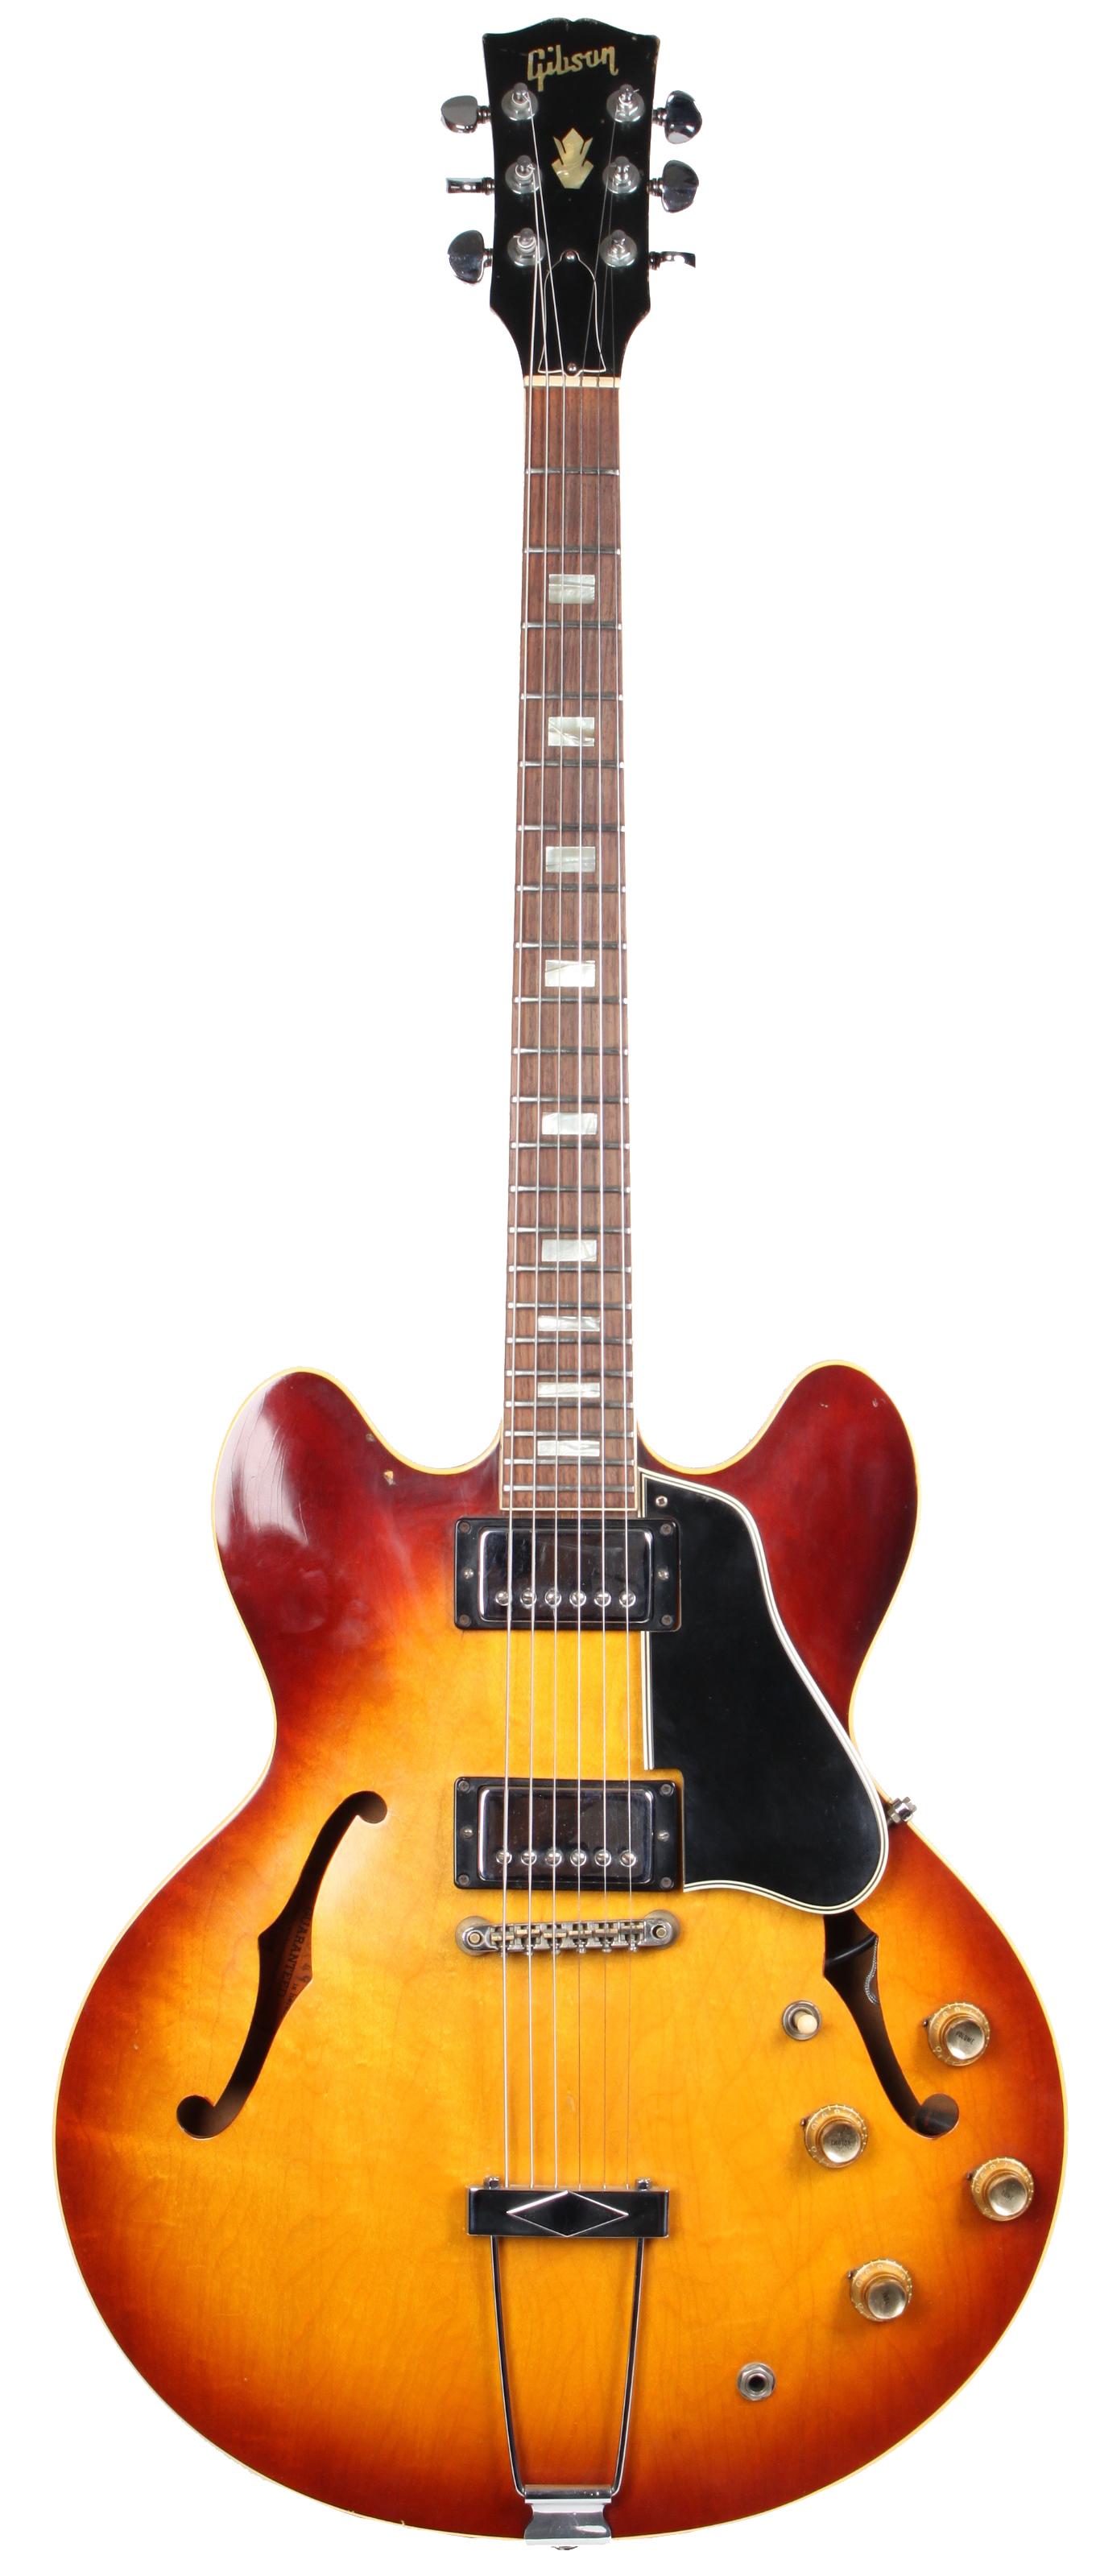 gibson es 335 tea burst 1966 e gitarren vintage mj. Black Bedroom Furniture Sets. Home Design Ideas